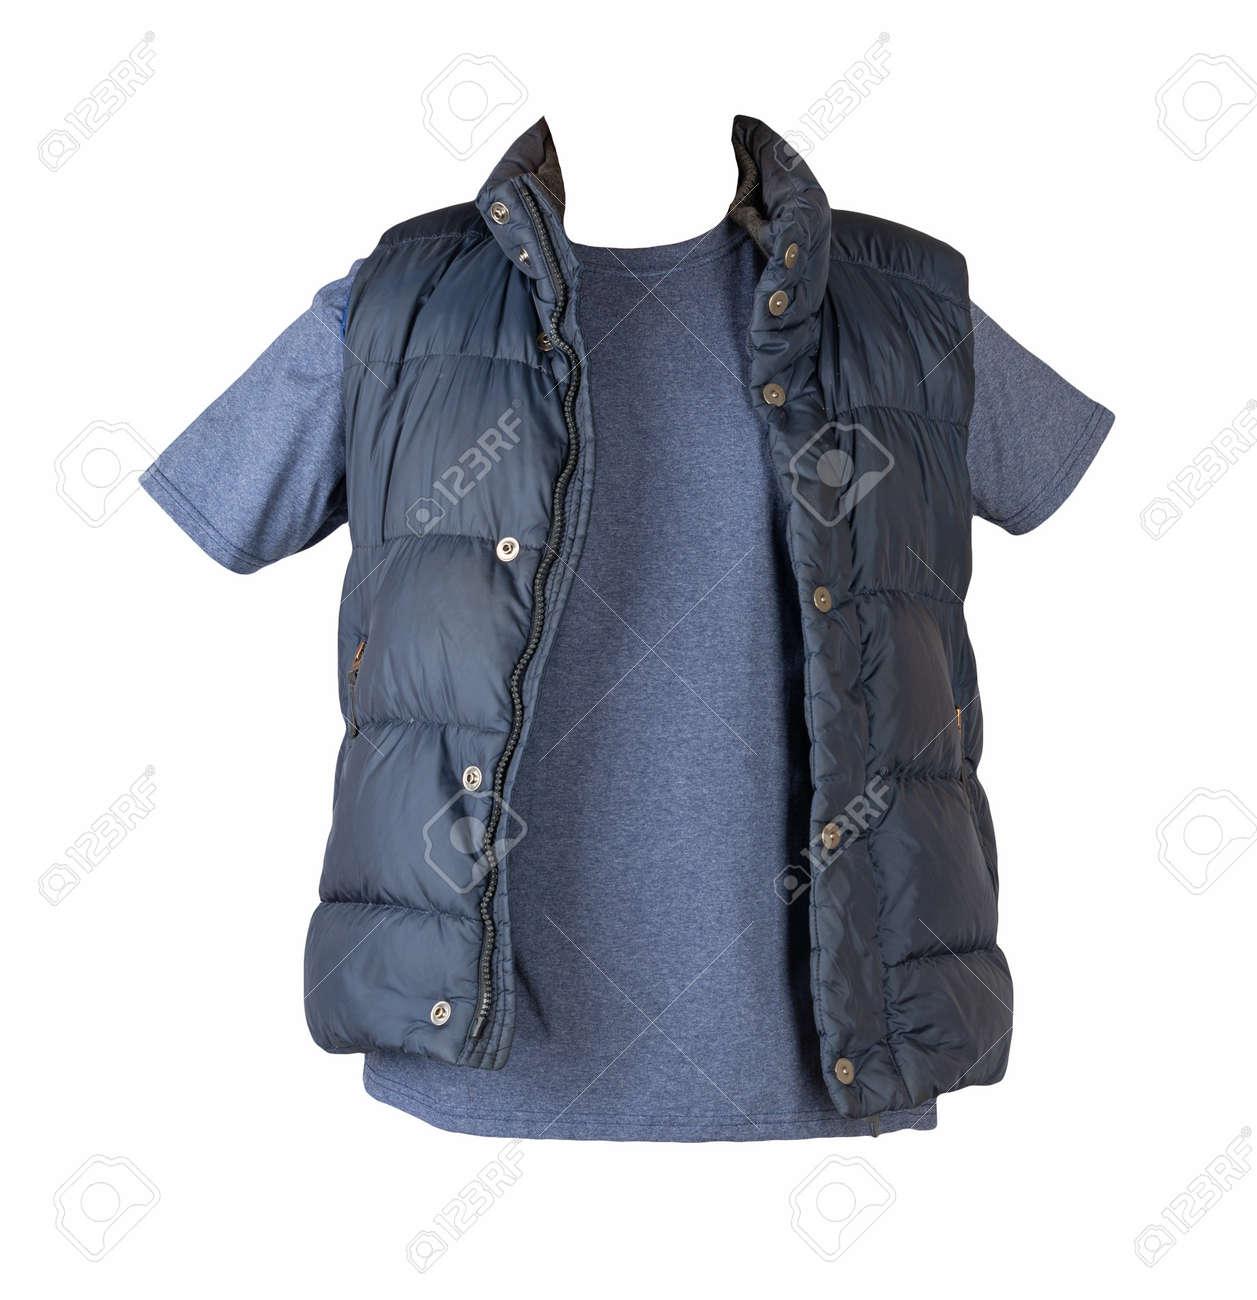 dark blue sleeveless jacket and navy t-shirt isolated on white background - 172115046